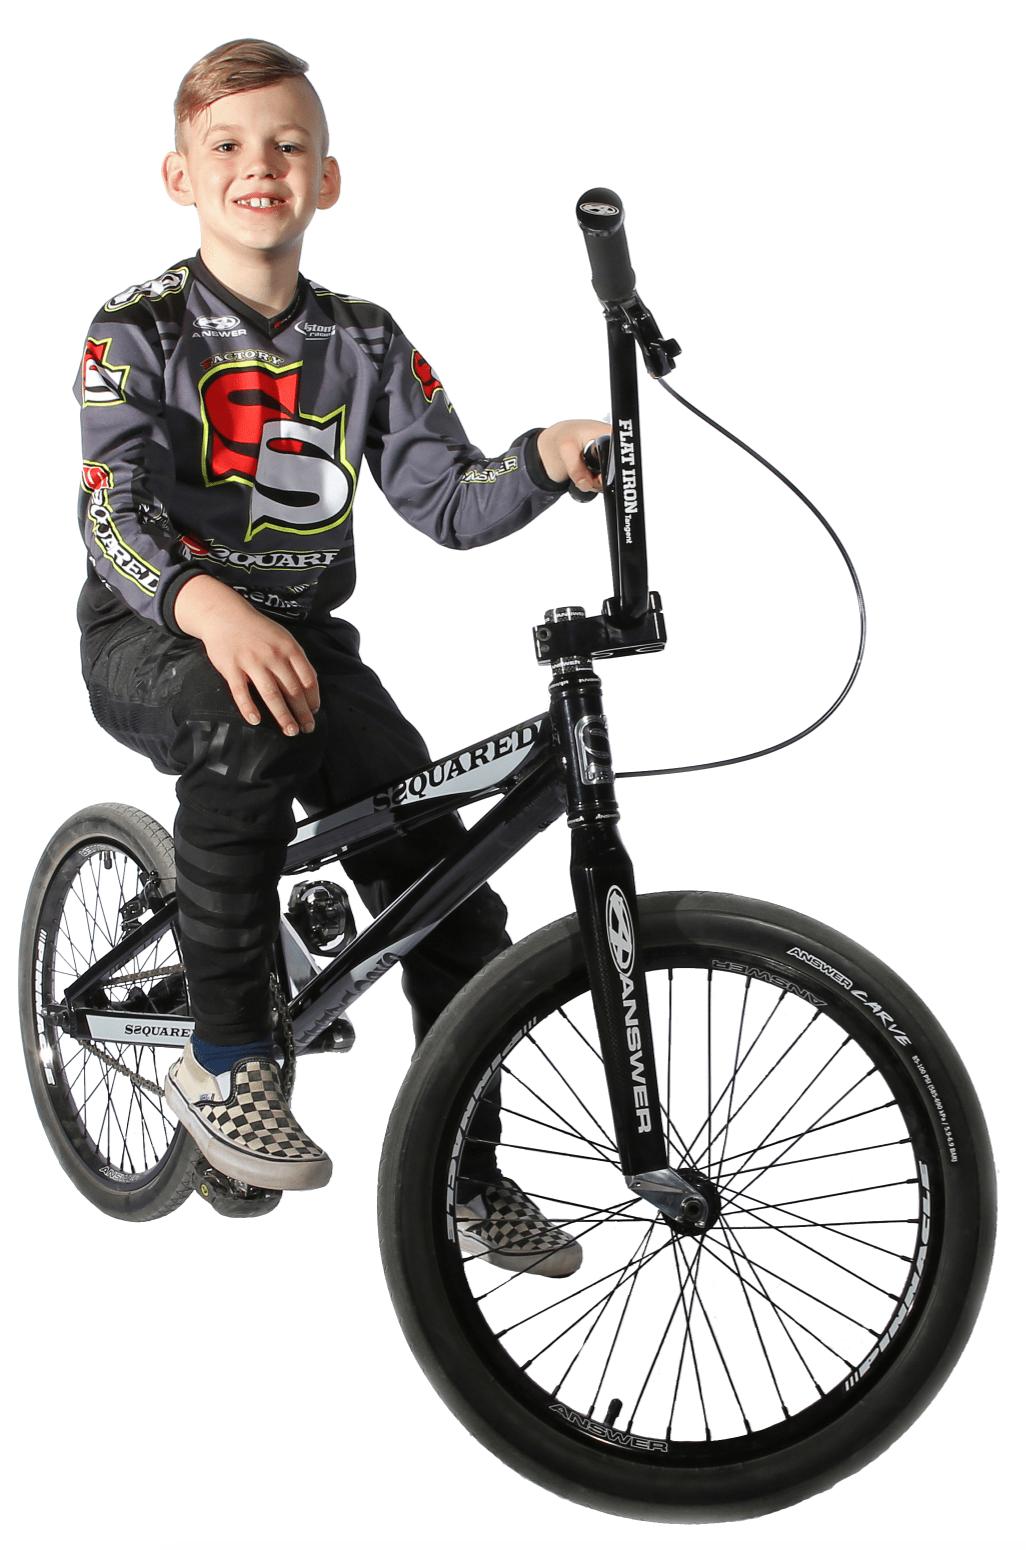 Bmx Bikes Under 100 : bikes, under, CANADA